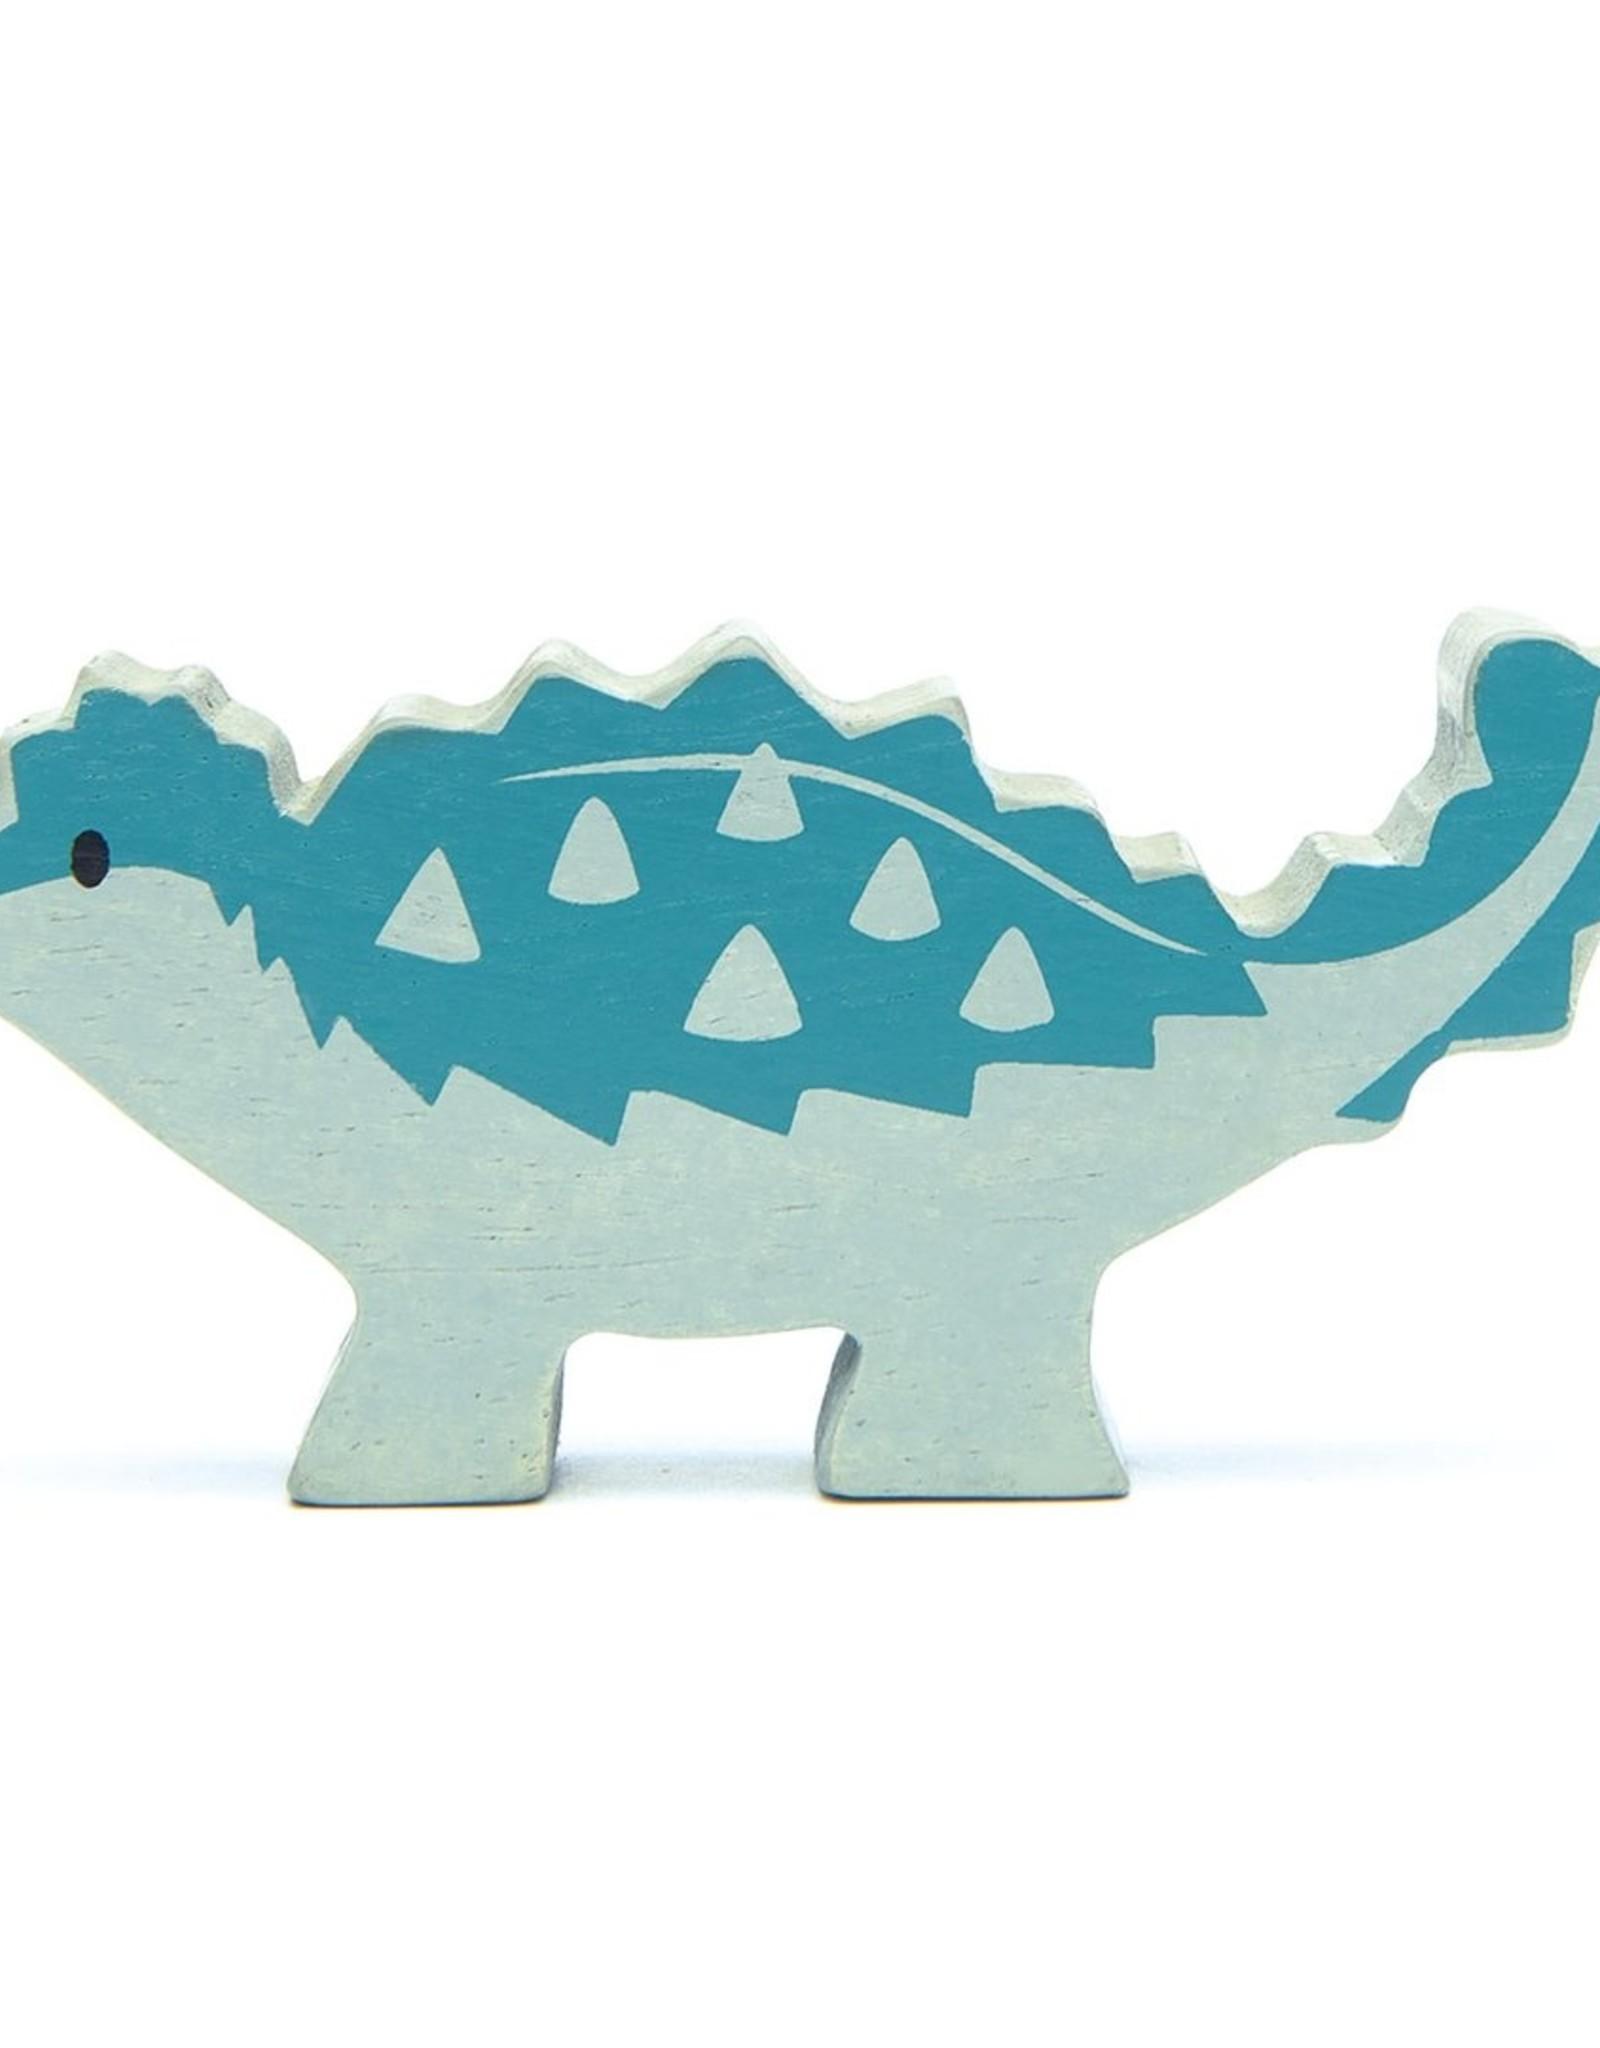 Tender leaf toys Ankylosaurus